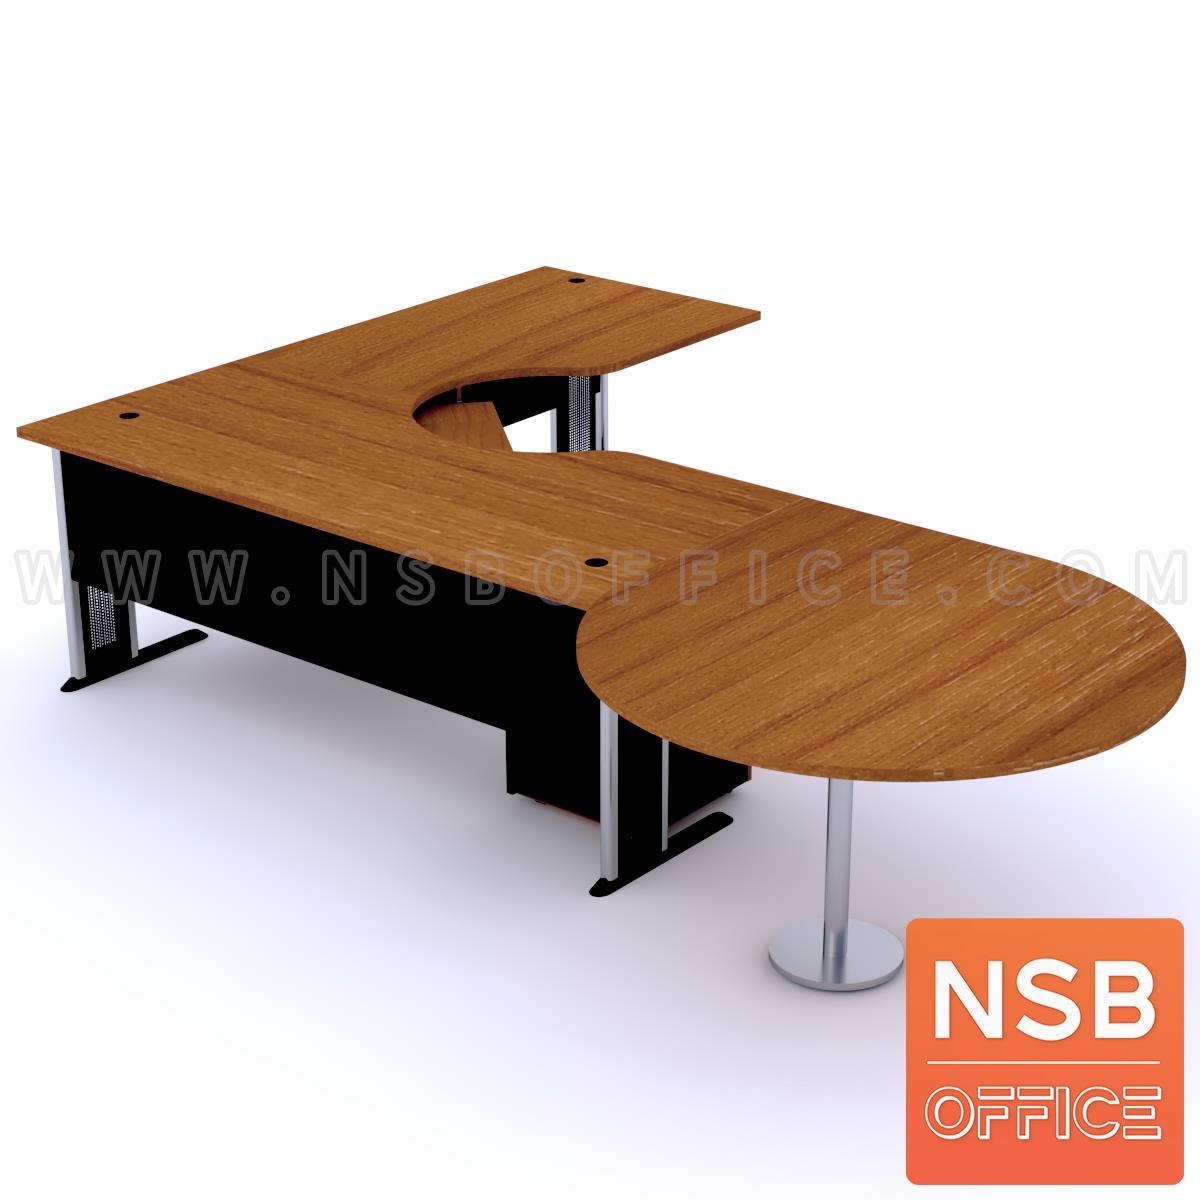 โต๊ะผู้บริหารตัวแอลหน้าโค้งเว้า   ขนาด 300W1*180W2 cm. ขาเหล็กโครเมี่ยมดำ สีเชอร์รี่-ดำ *แอลตามภาพเท่านั้น*